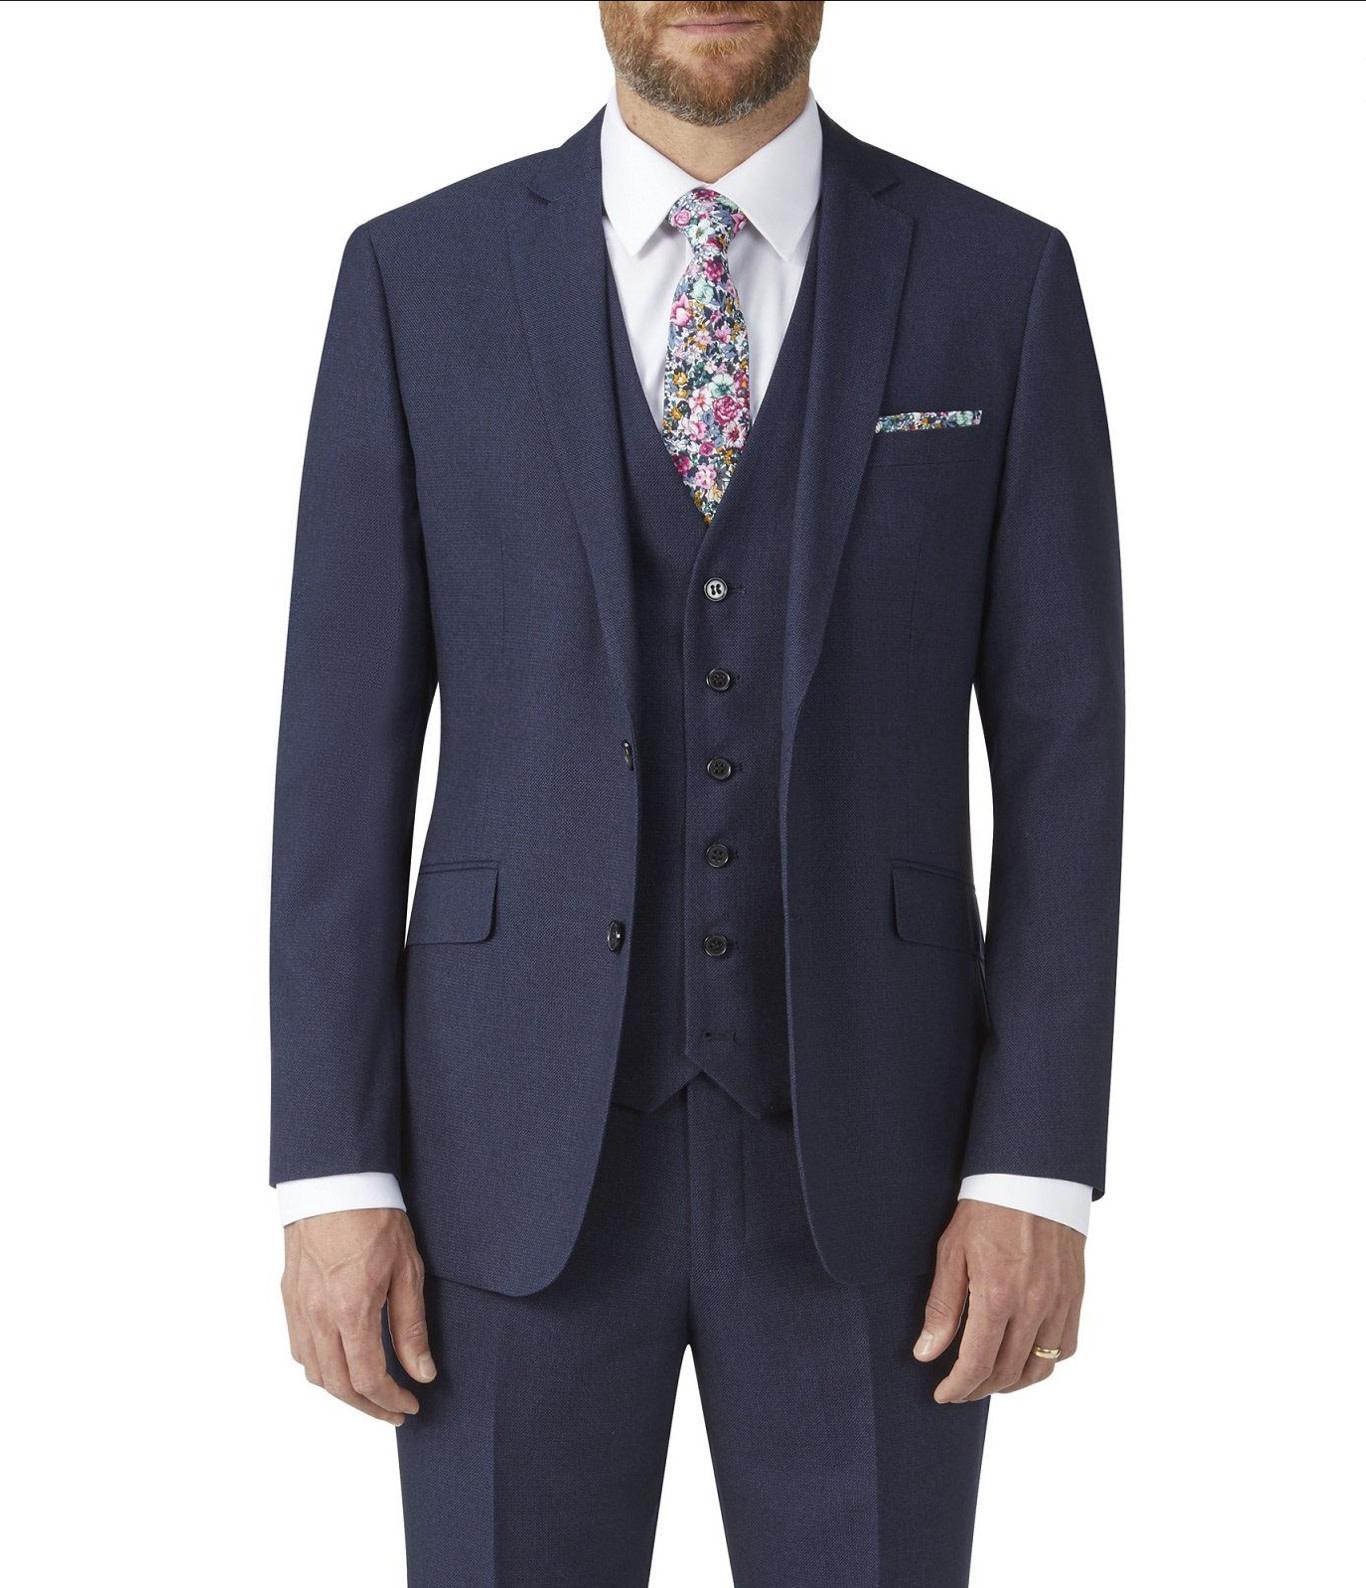 Harcourt suit.